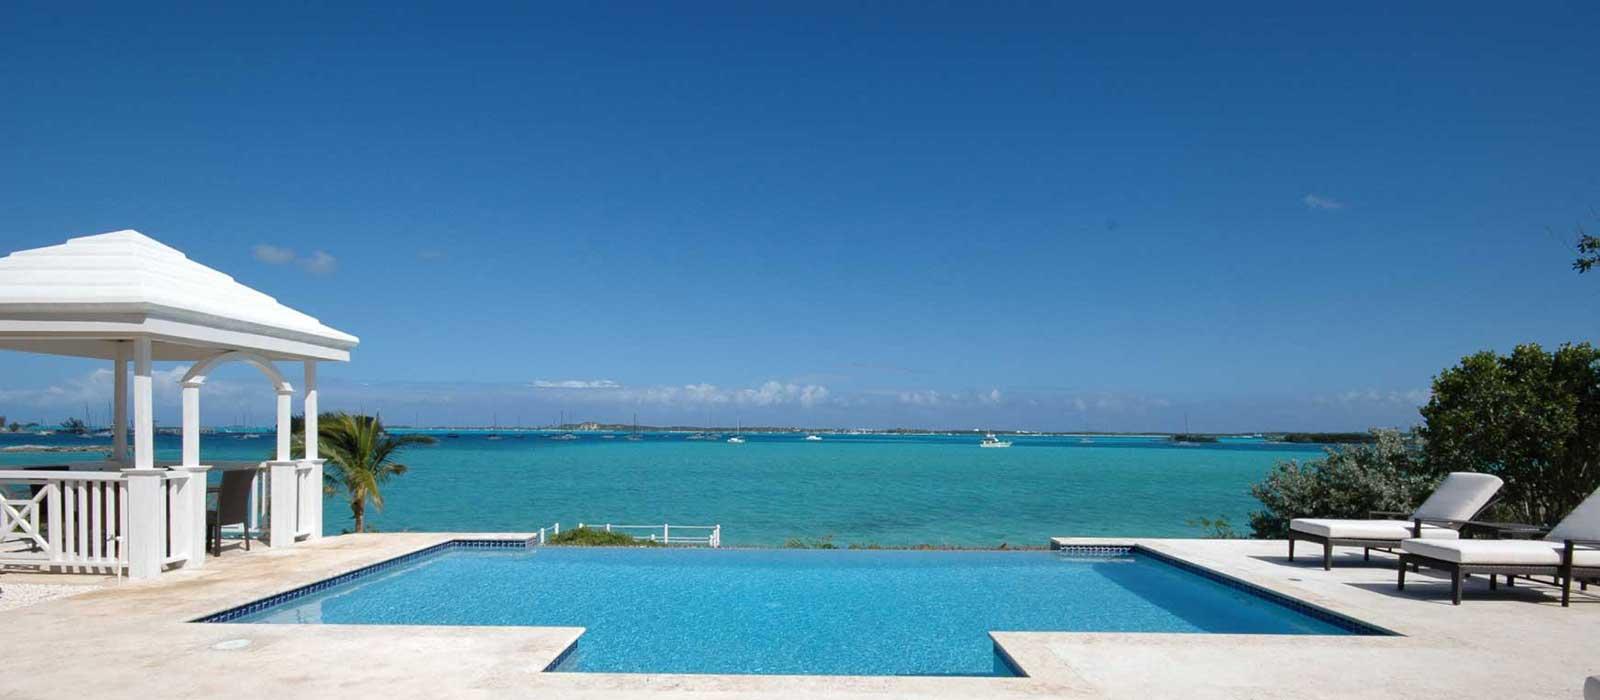 Bahamas Vacation Rentals |Exuma Bahamas | February Point